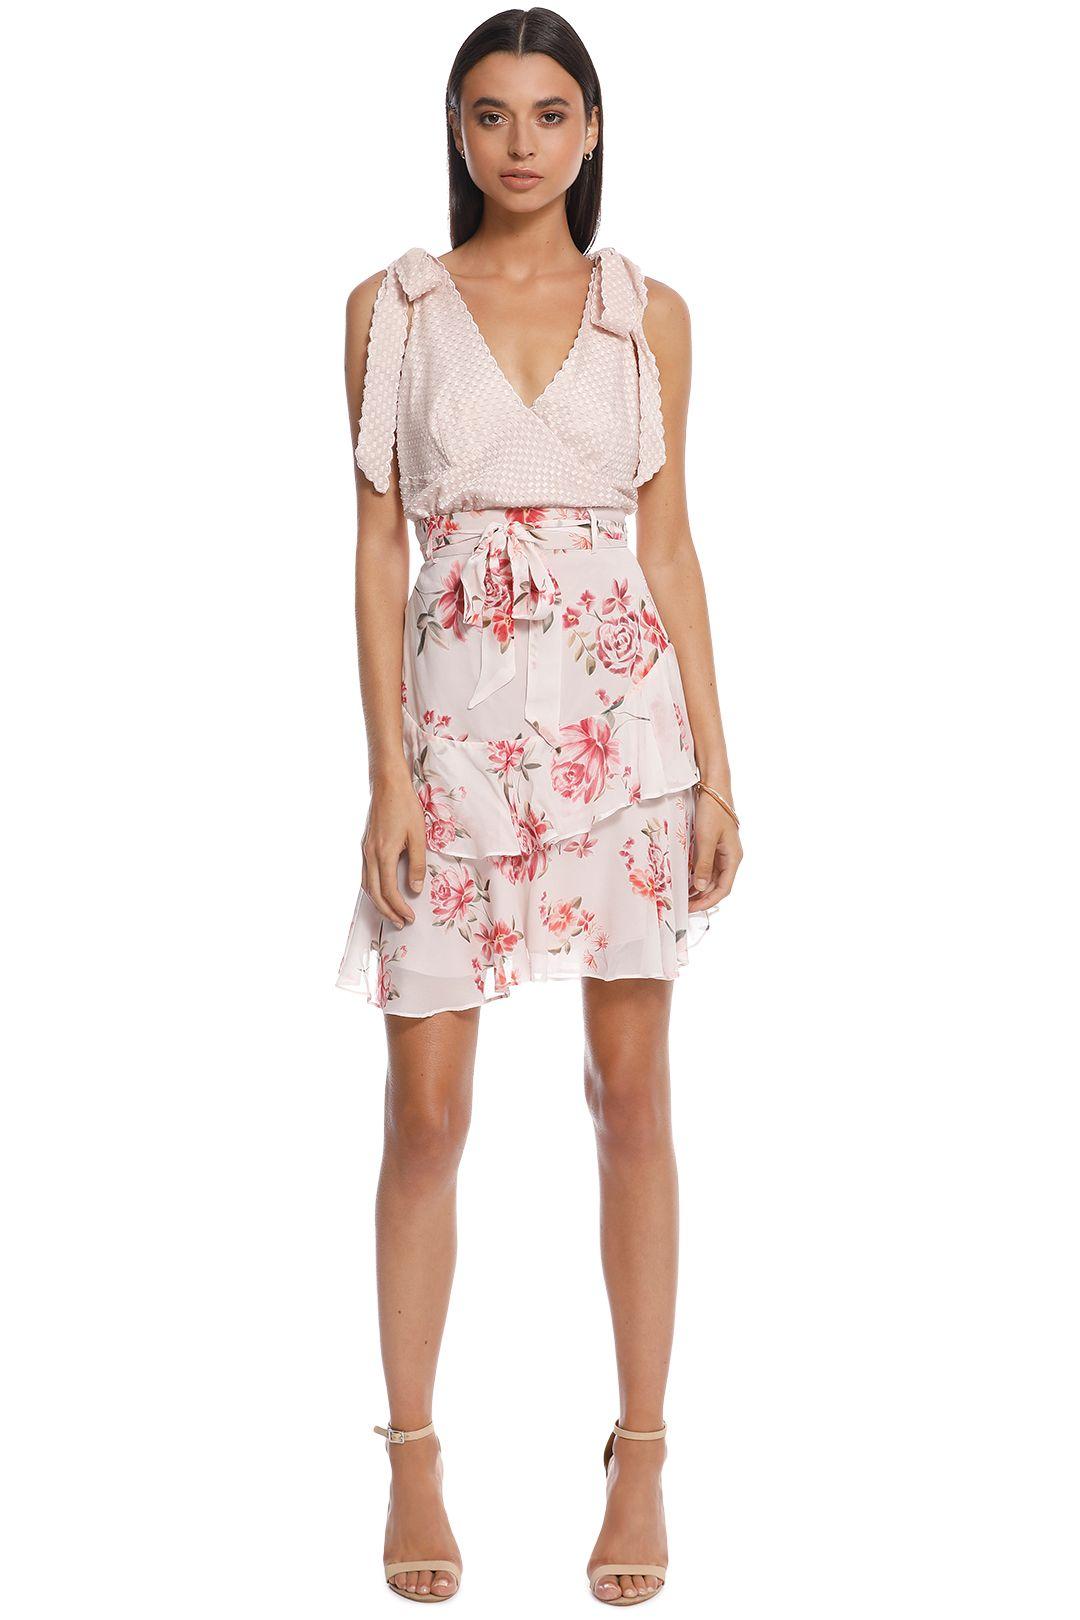 Lover - Blossom Skirt - Front